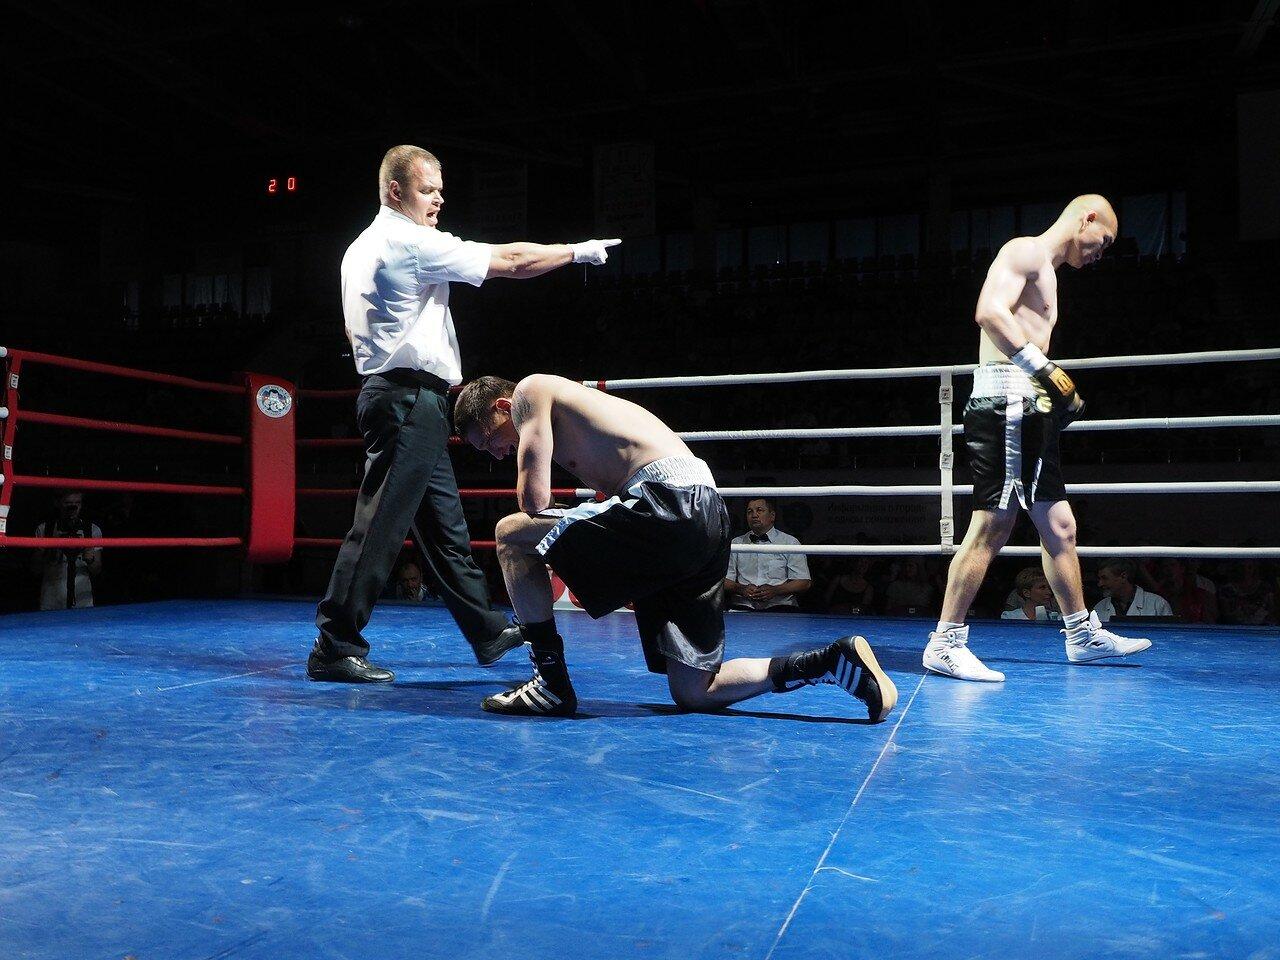 87 Вечер профессионального бокса в Магнитогорске 06.07.2017